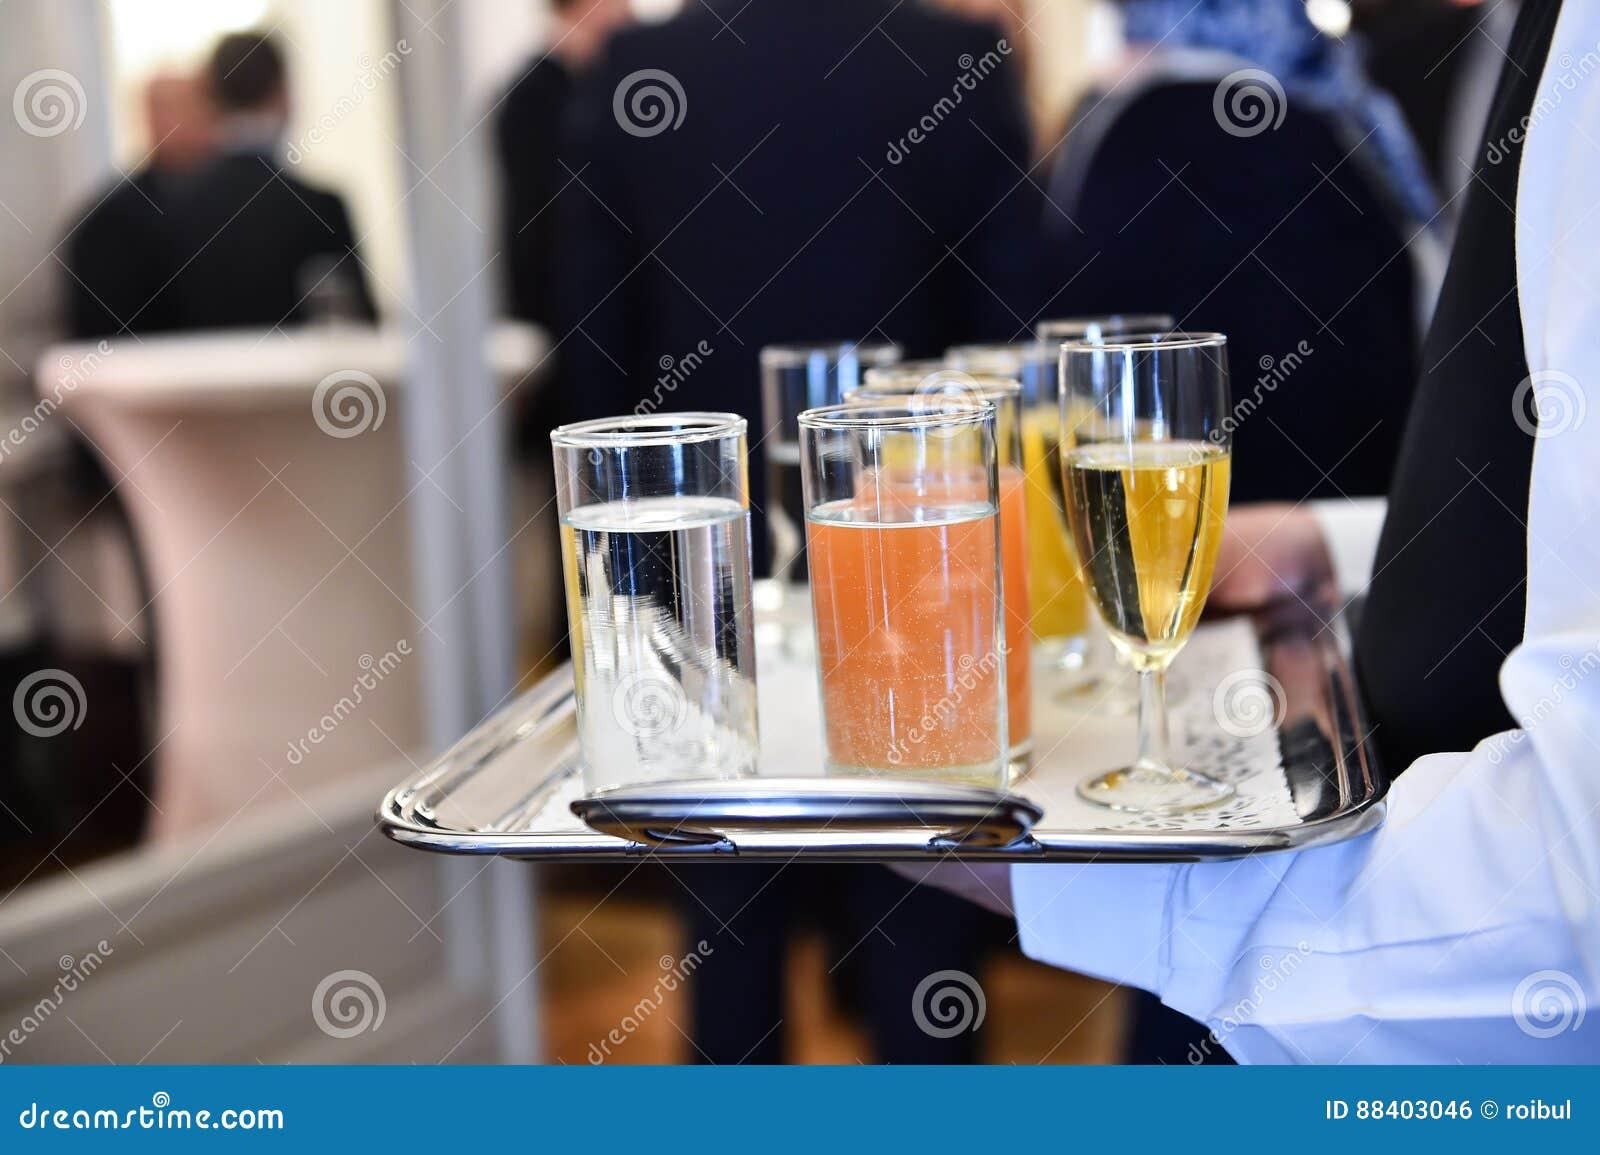 Cameriere che tiene un vassoio con le bevande durante il ricevimento pomeridiano